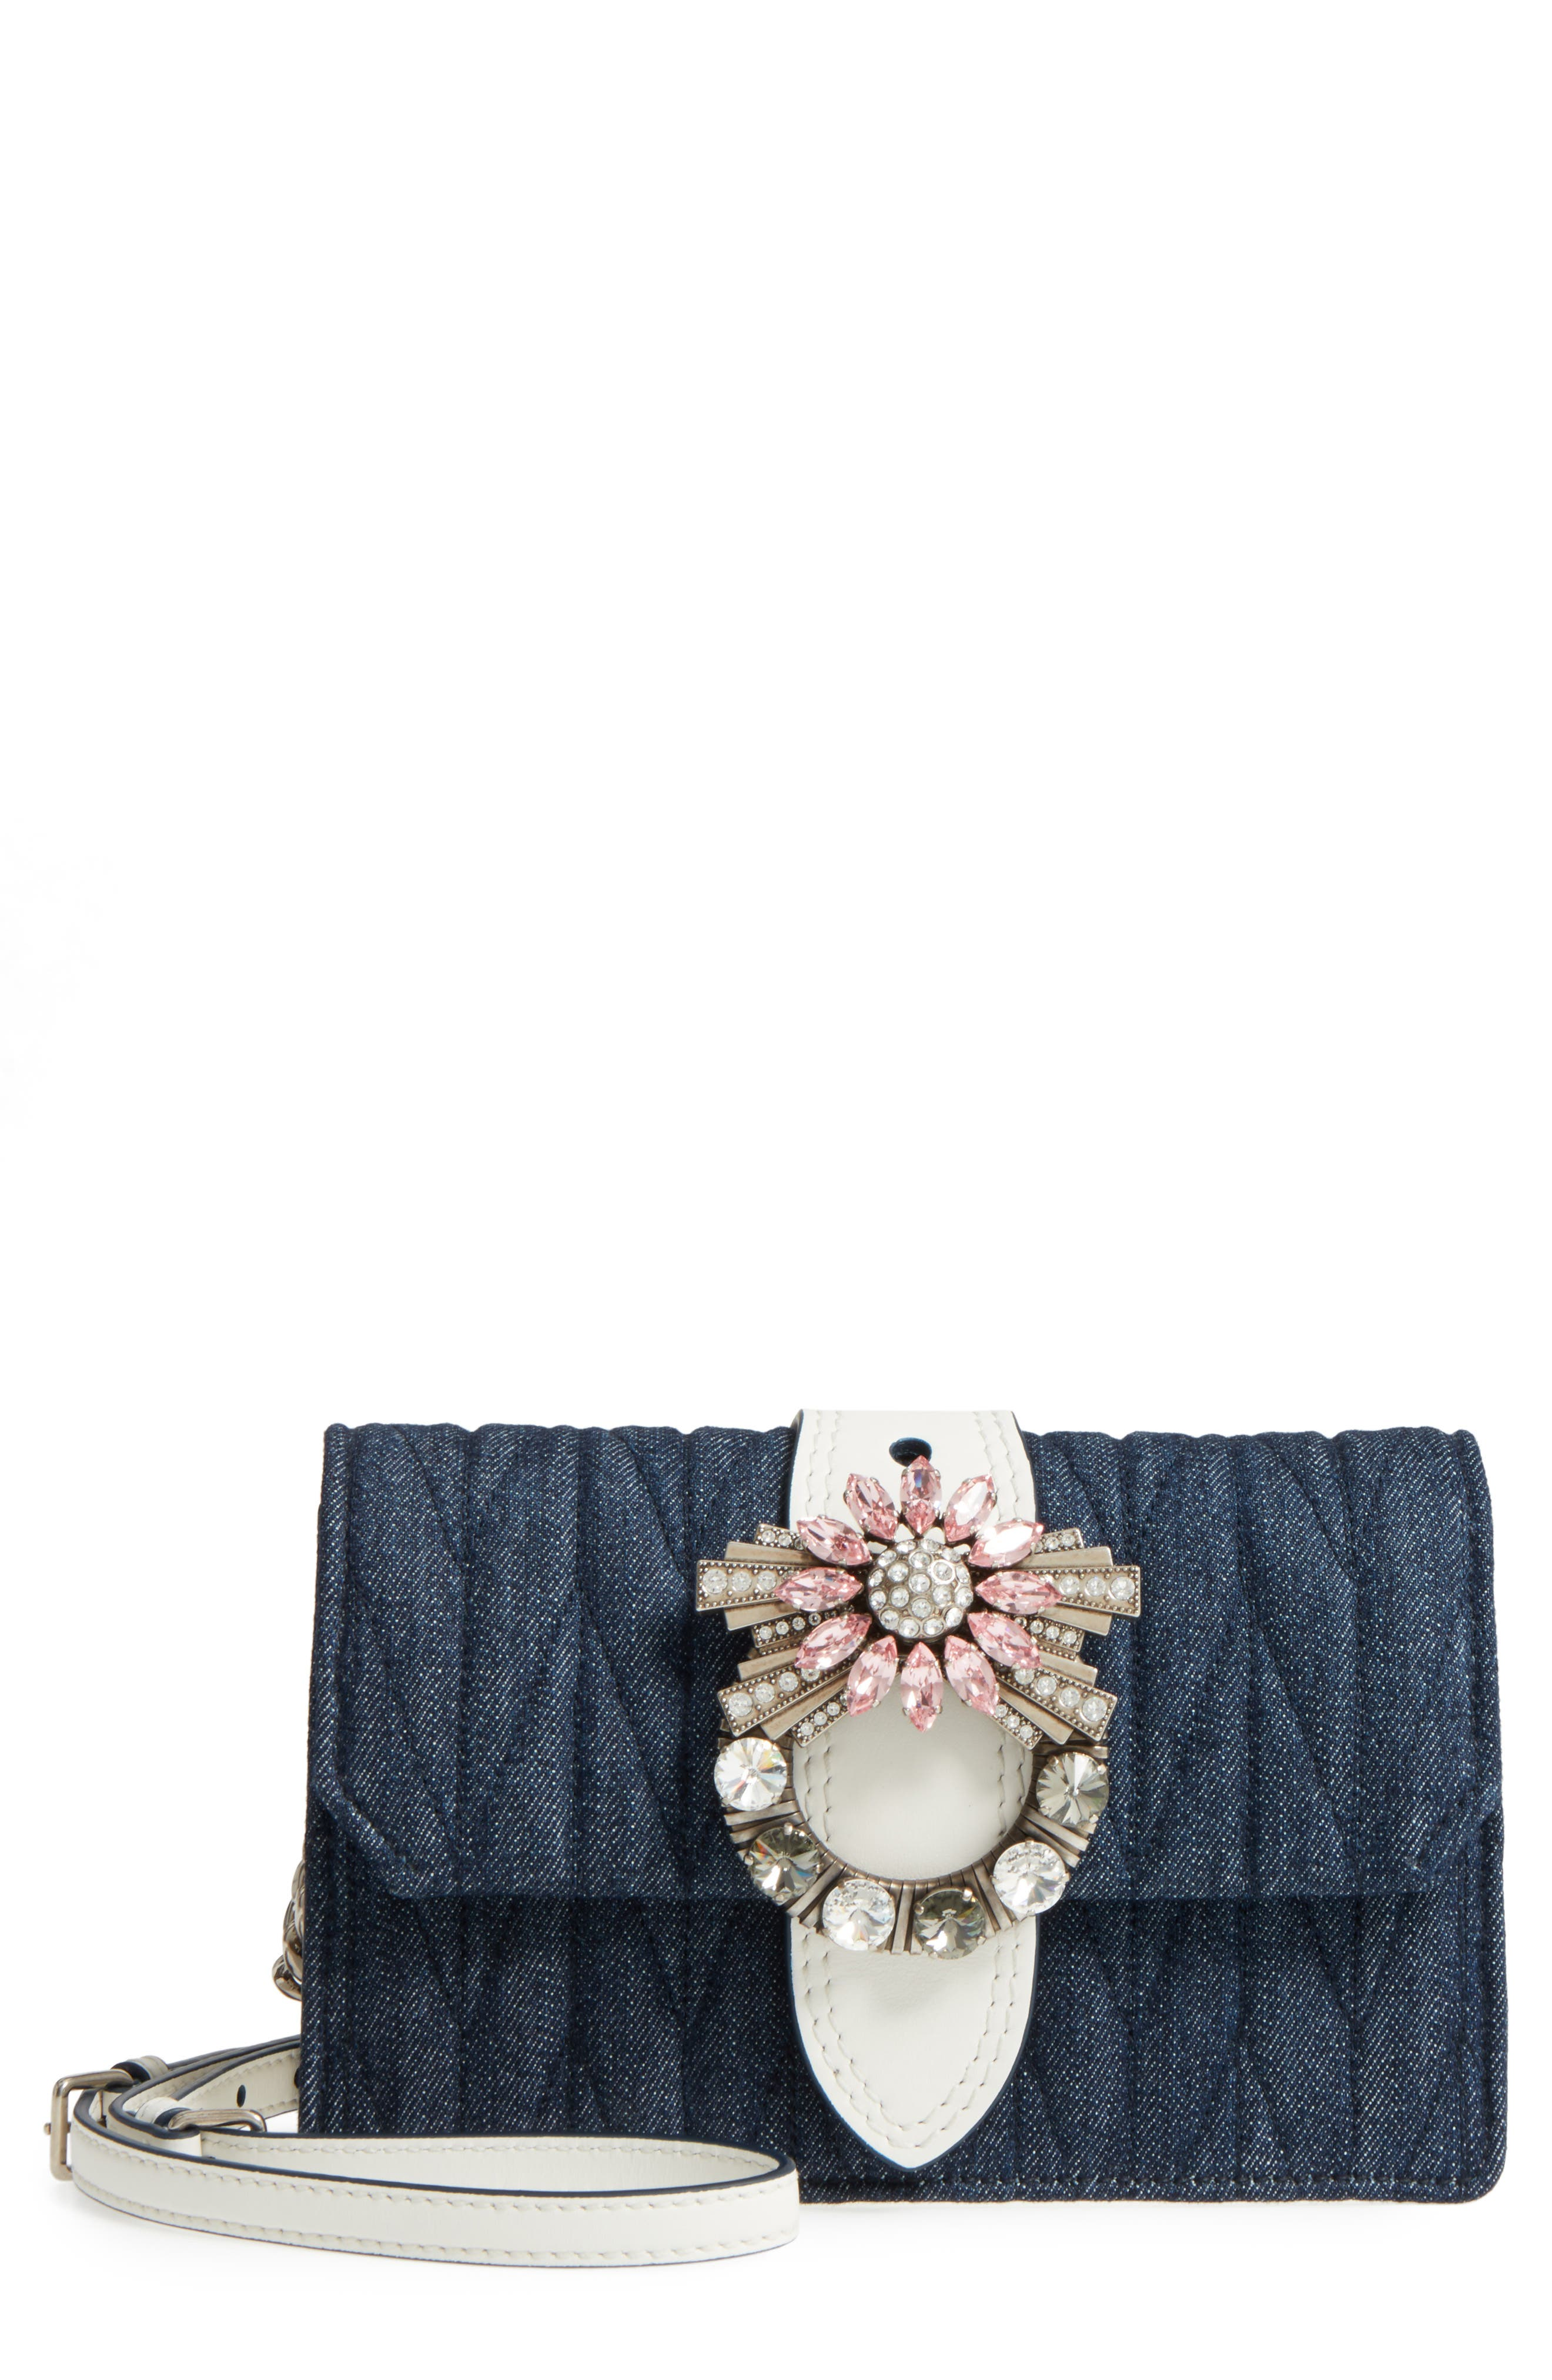 Matelassé Denim Embellished Shoulder Bag,                             Main thumbnail 1, color,                             BLU/ BIANCO